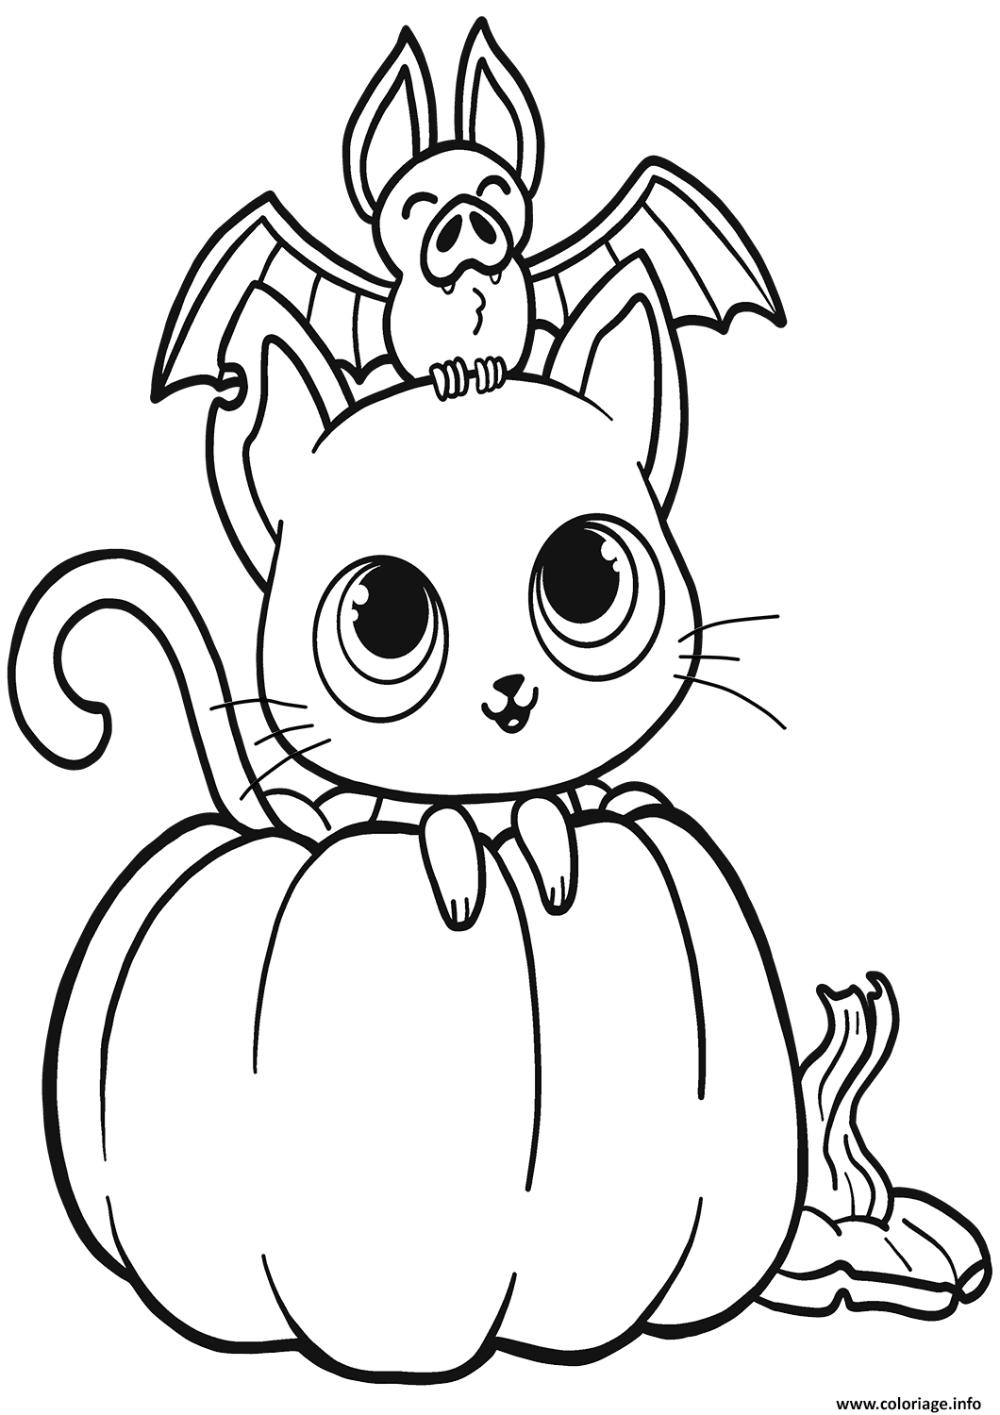 Coloriage chauve souris chat citrouille halloween à